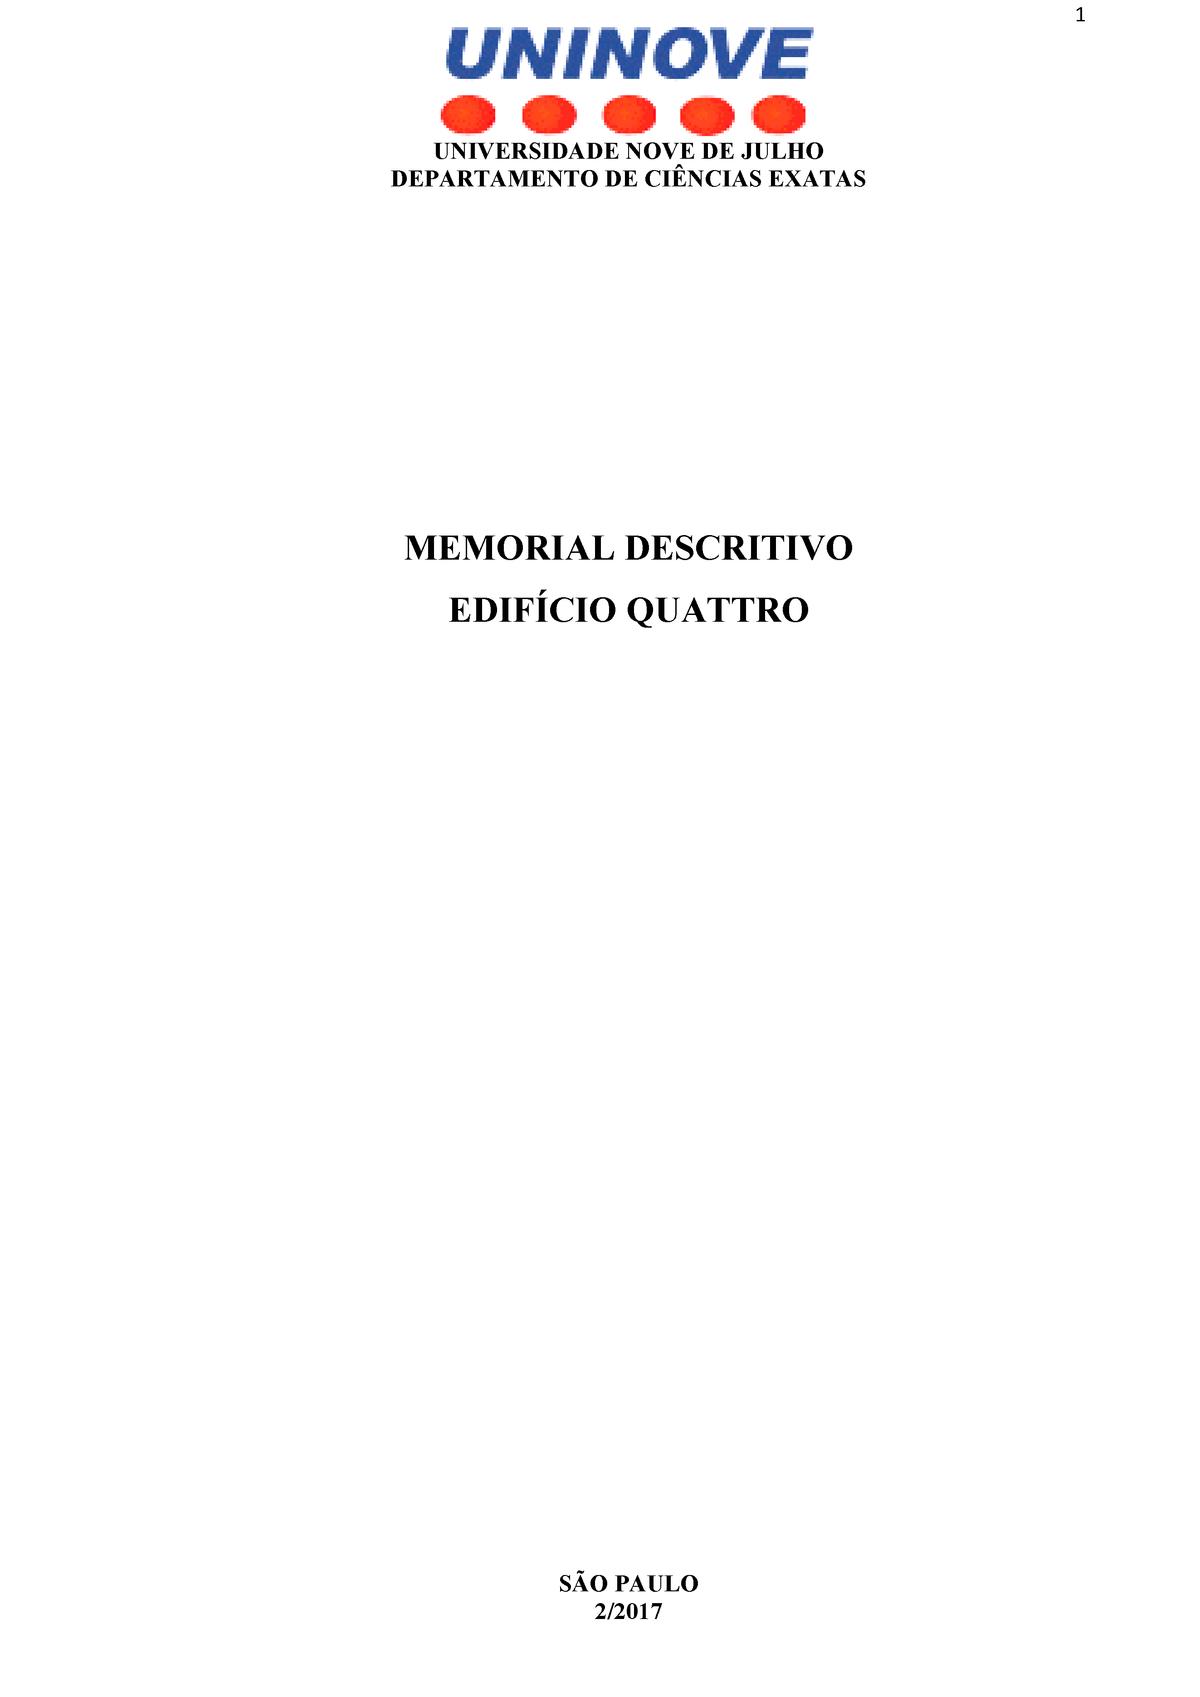 Memorial Descritivo Locação De Obra Engenharia Civil Studocu